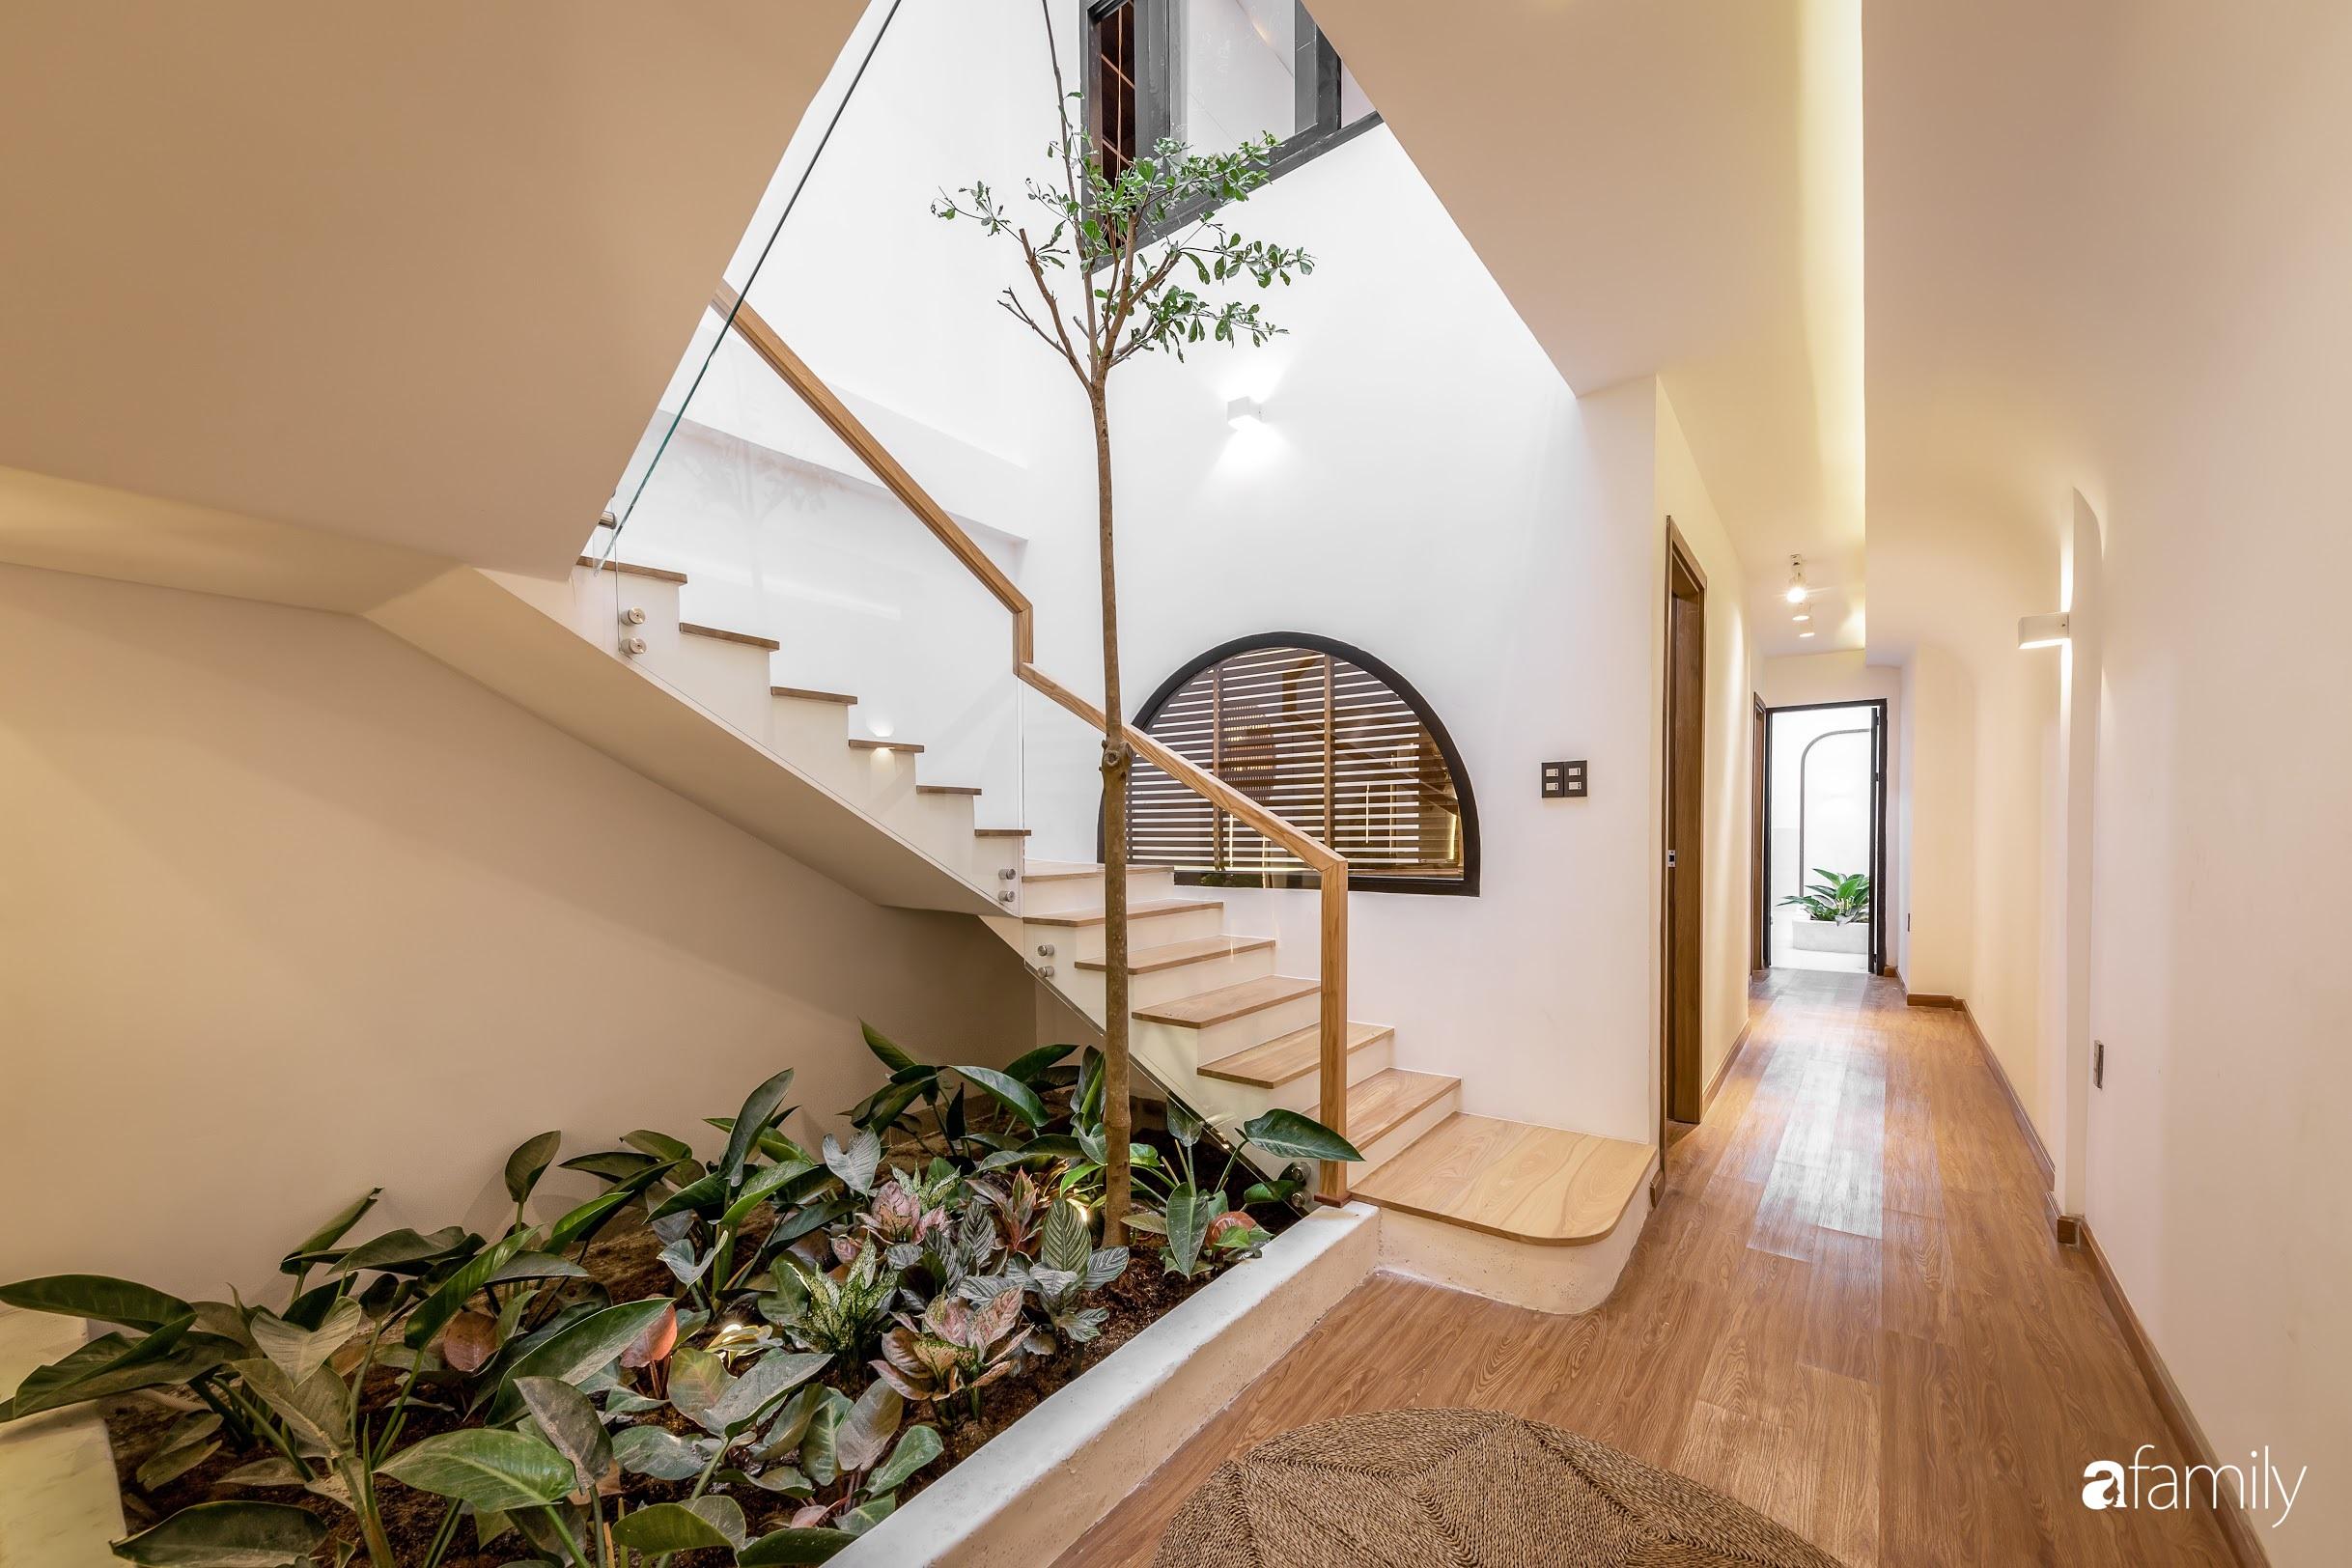 Nhà phố Tiền Giang đẹp hài hòa với thiết kế hiện đại, bố trí nội thất thông minh với chi phí 1,8 tỉ đồng - Ảnh 2.